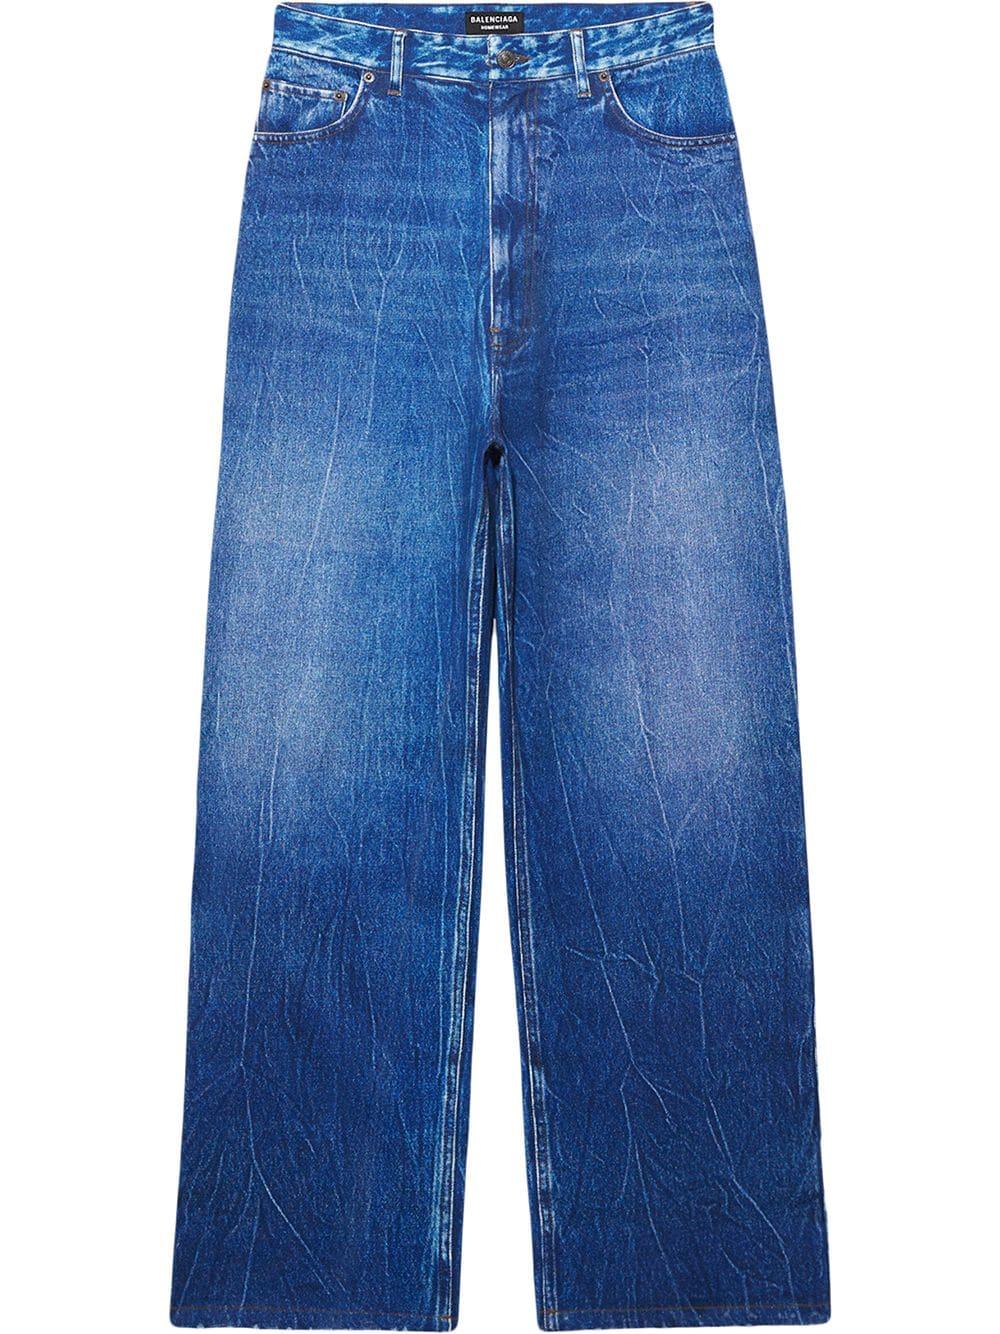 quan ong rong - elle man style calendar - 0821 - balenciaga baggy jeans